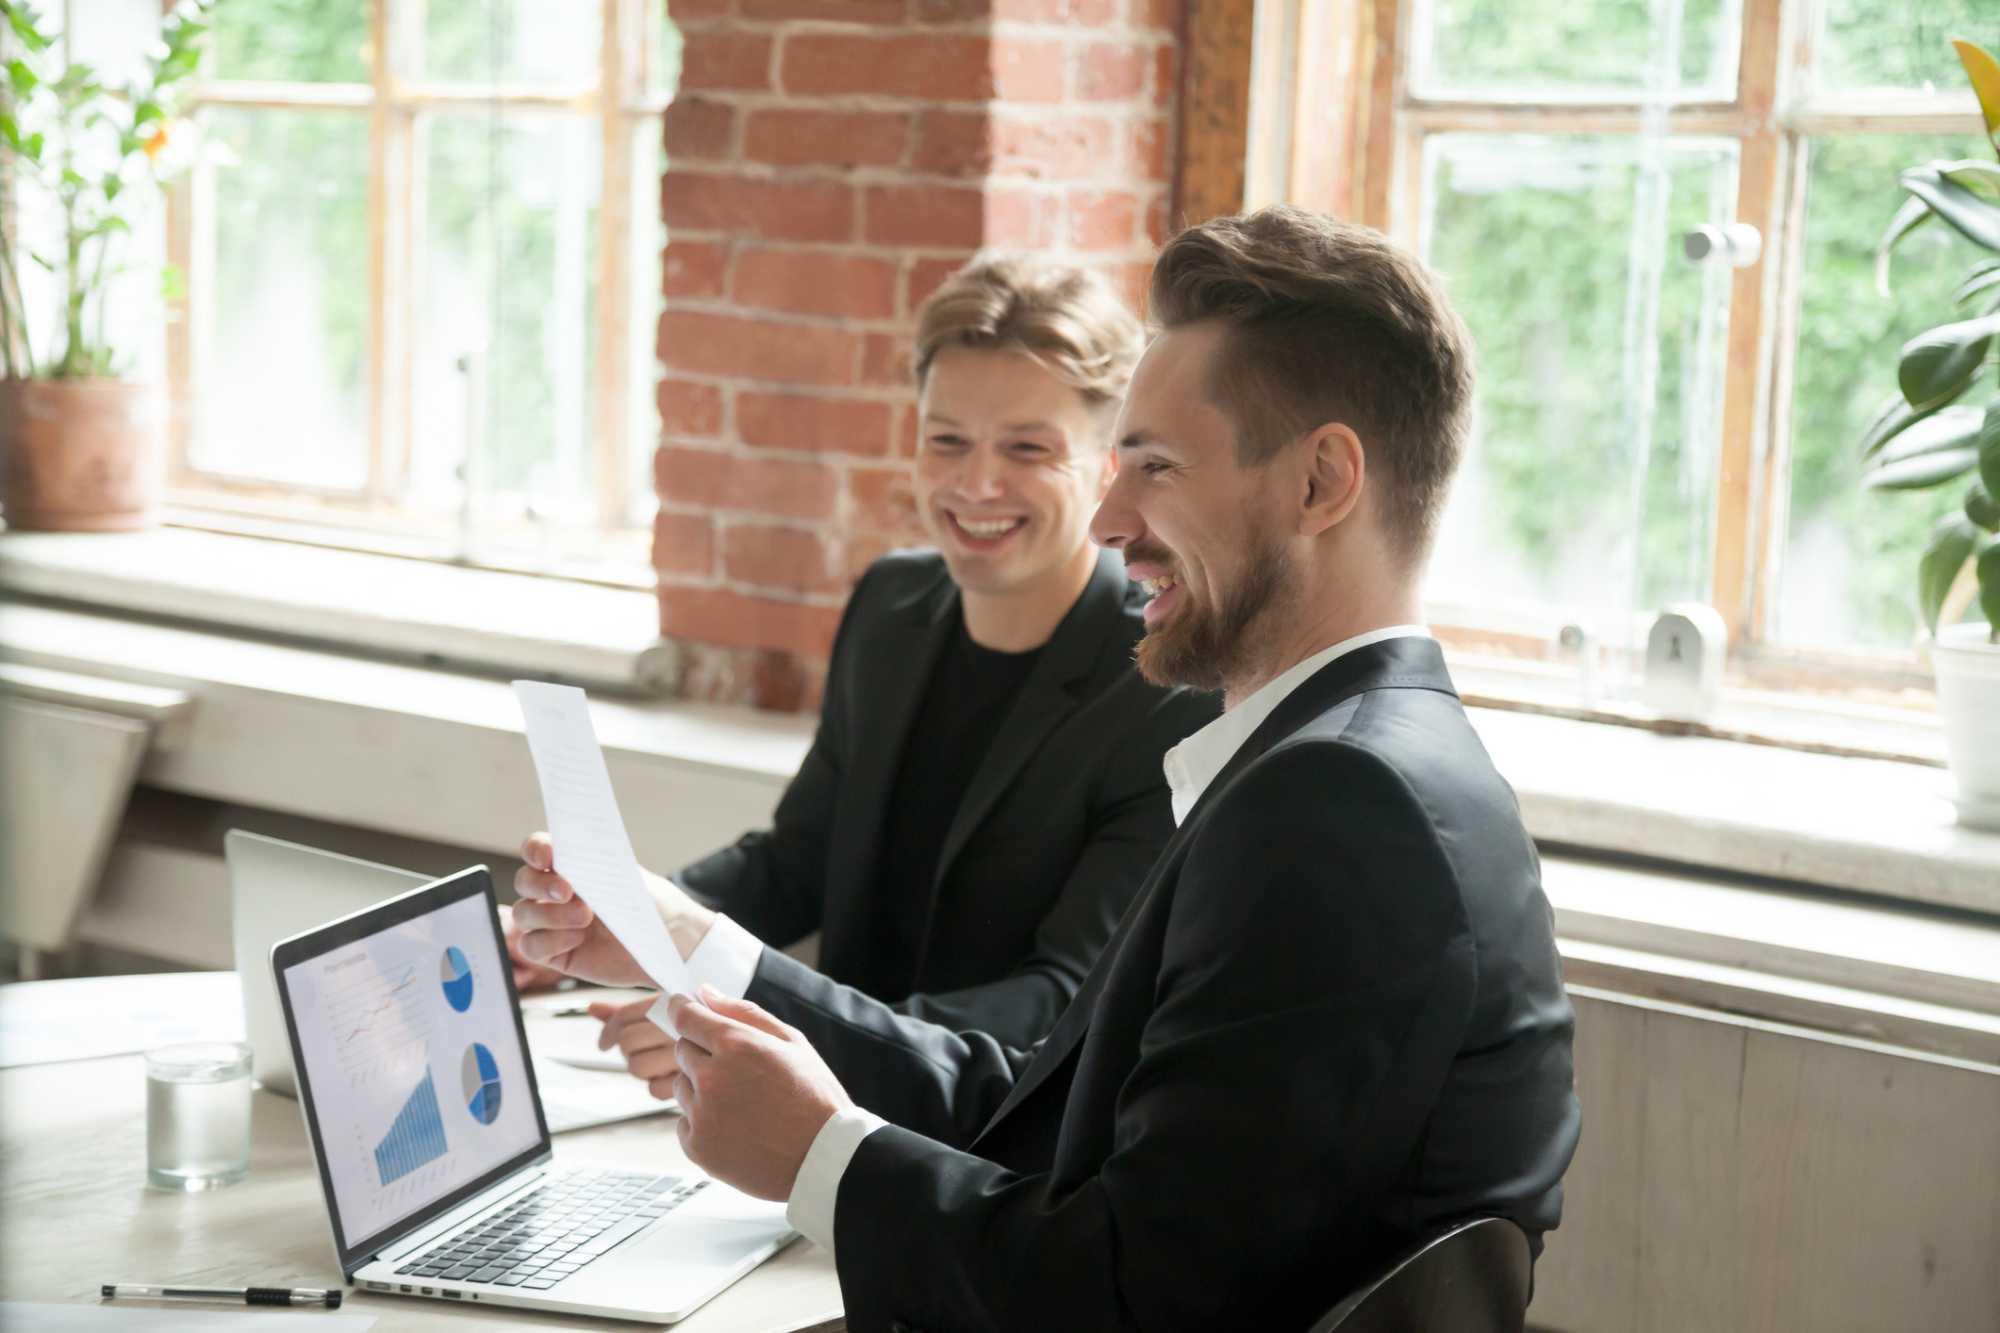 sistema-de-vendas Sistema de vendas: veja como escolher e 5 dicas valiosas para melhorar sua empresa